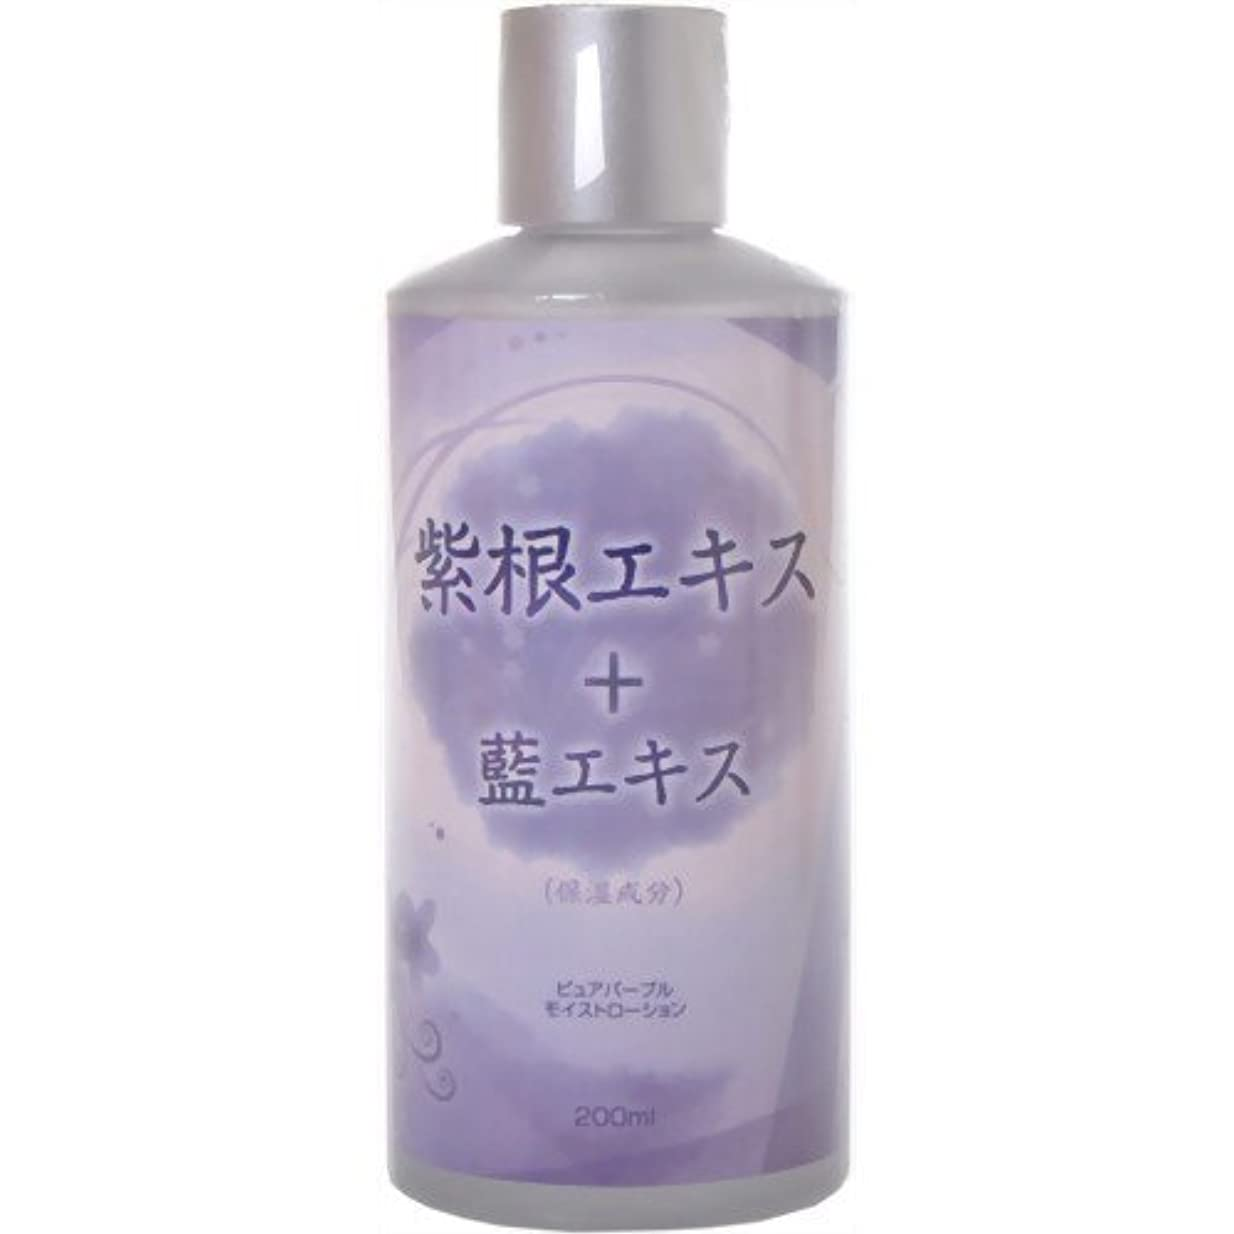 メロディー過去豪華なピュアP モイストローション(紫根エキス+藍エキス)